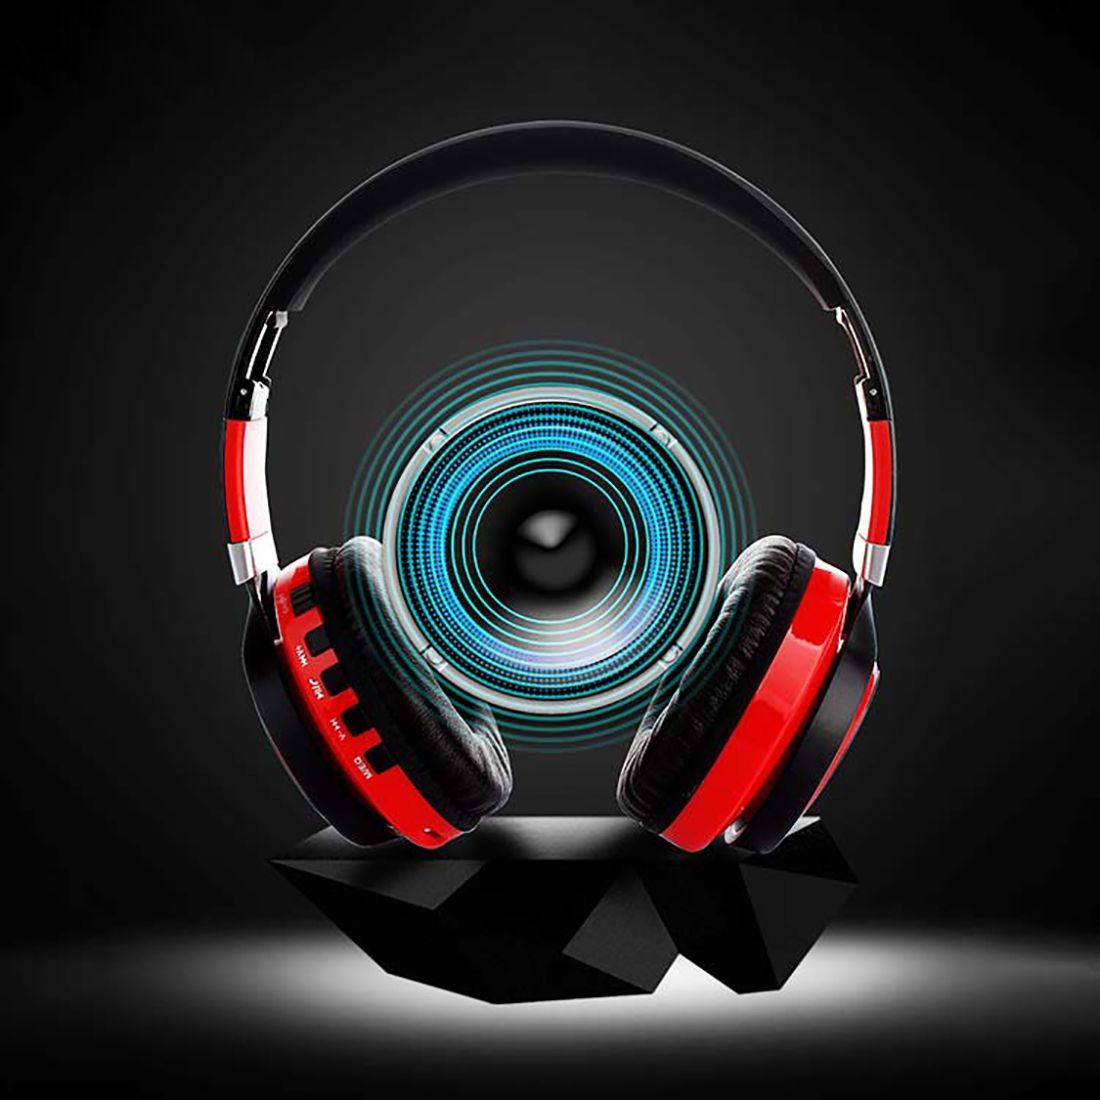 e2c256e6aad PTron Kicks On Ear Wireless Bluetooth Headphone With Mic - Buy PTron Kicks  On Ear Wireless Bluetooth Headphone With Mic Online at Best Prices in India  on ...